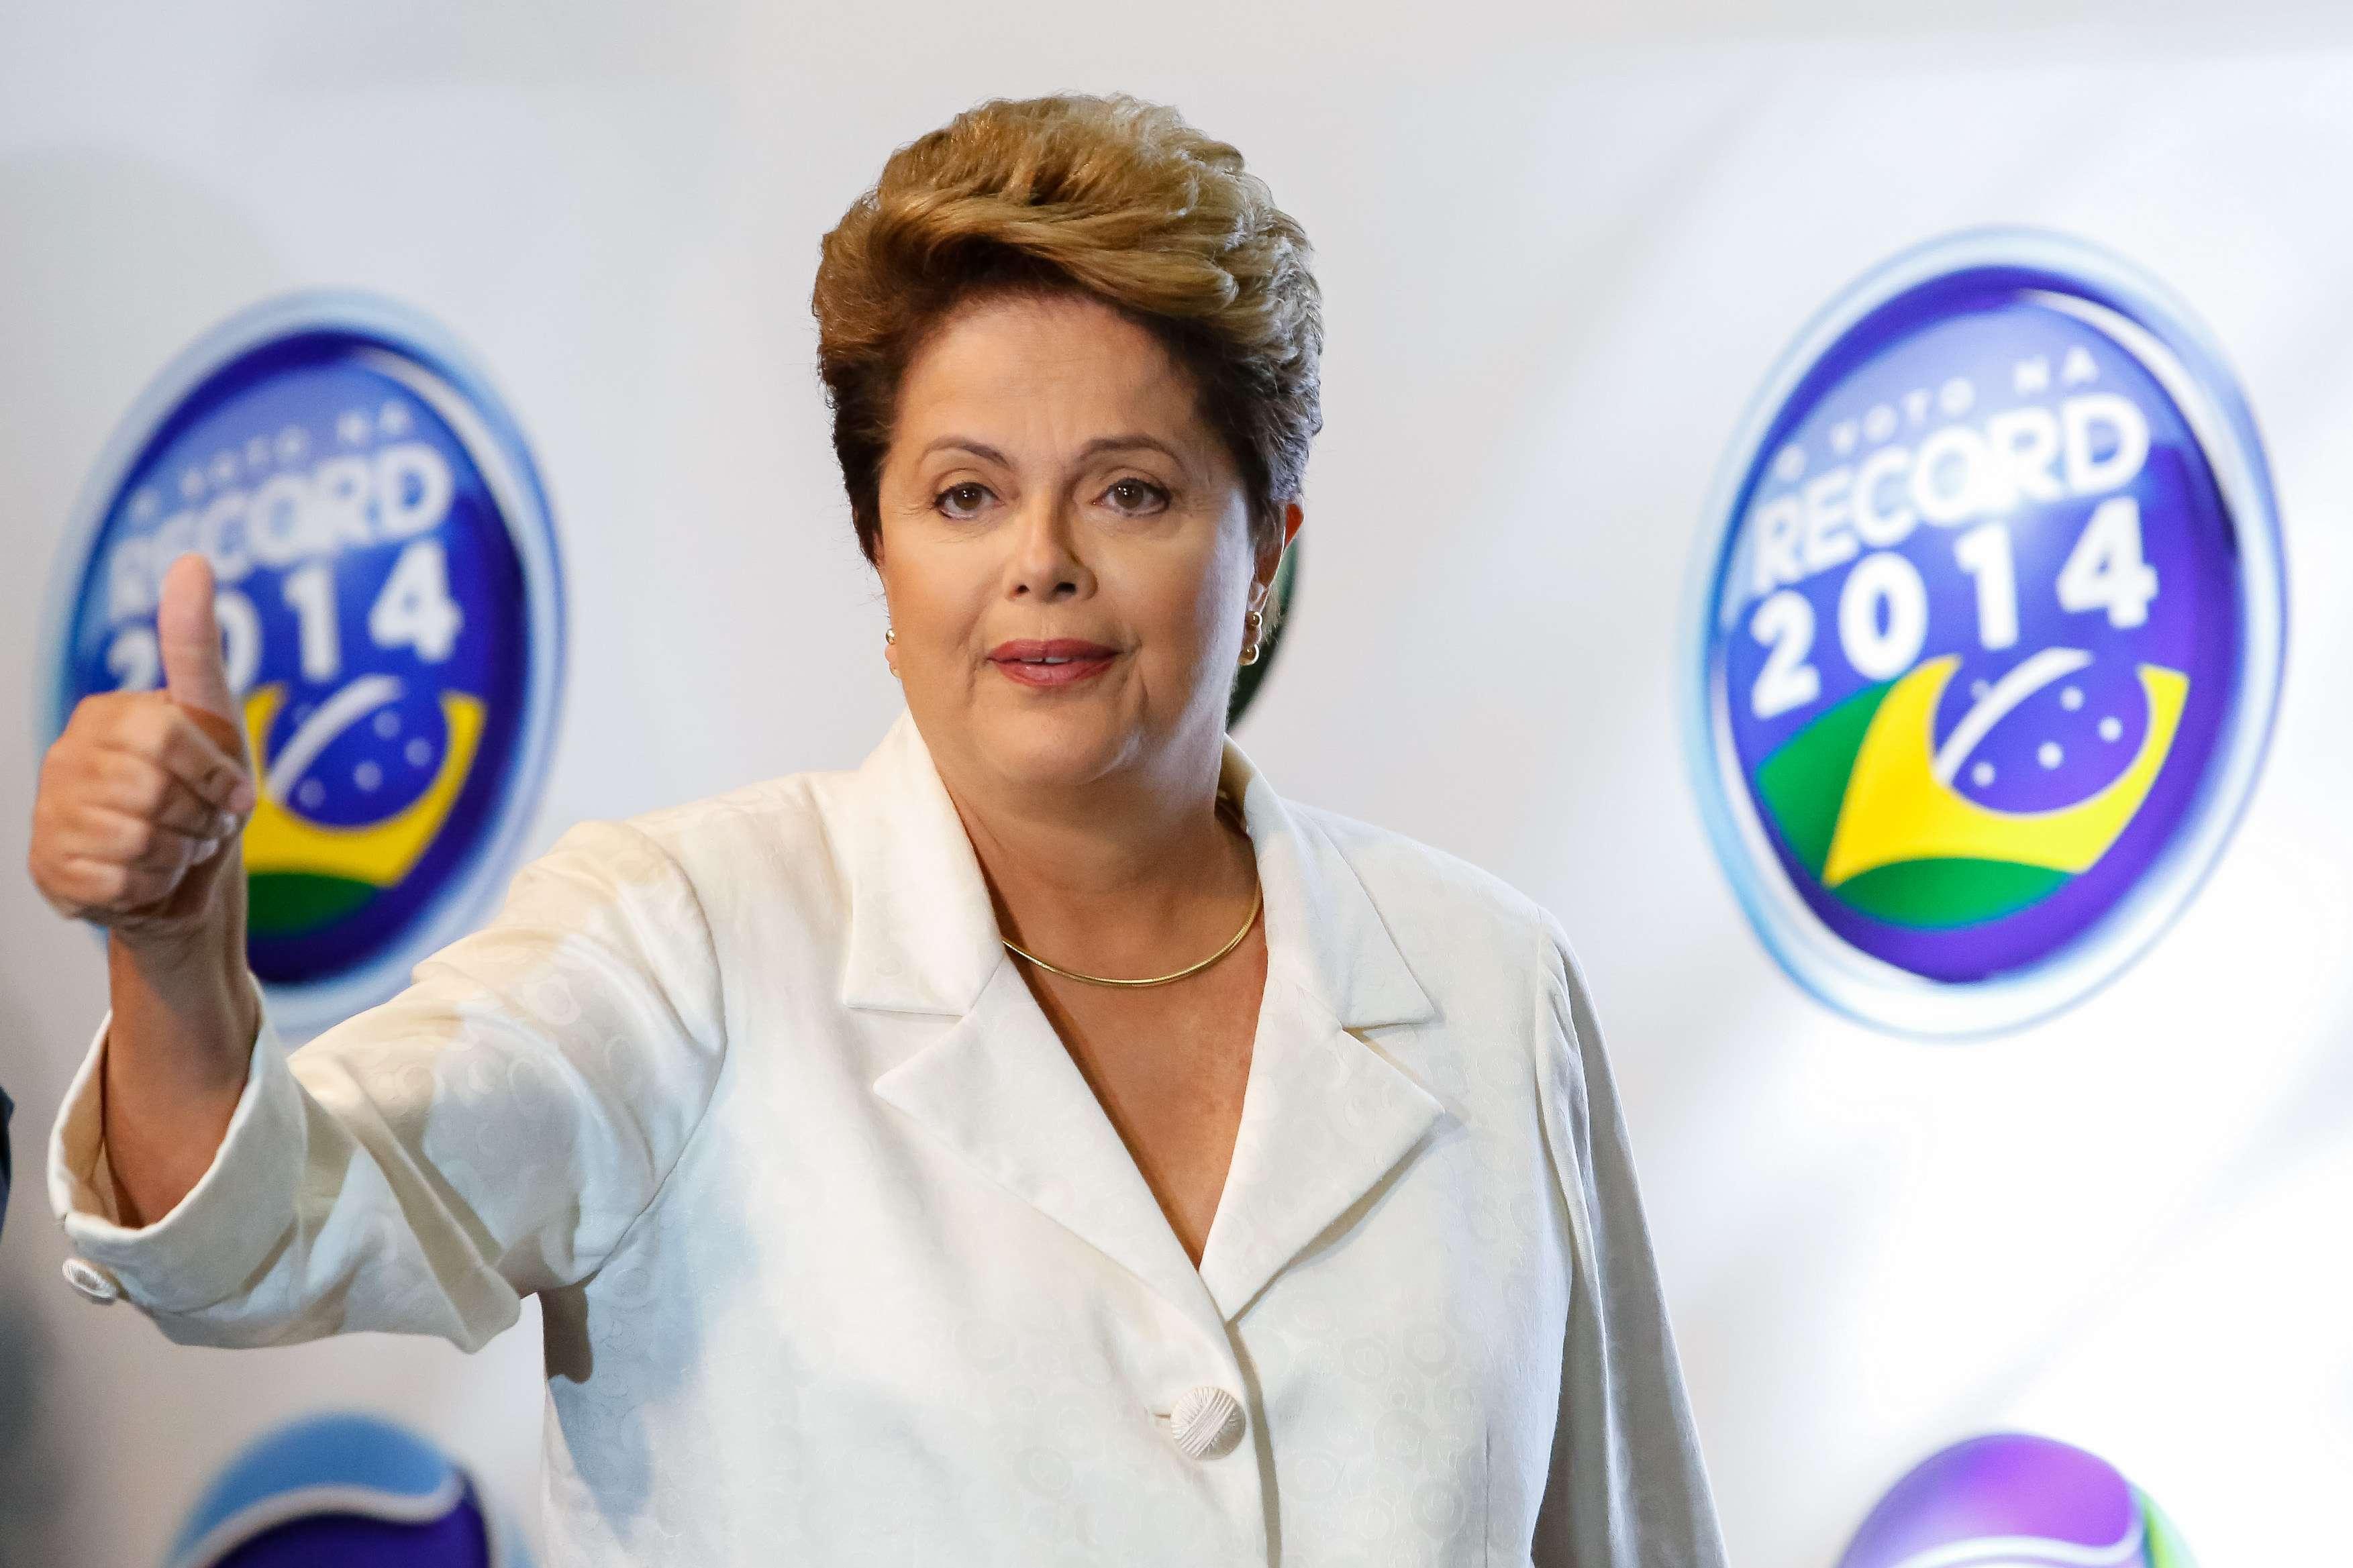 Presidente citou a crise de água em São Paulo durante o debate Foto: Ichiro Guerra/Divulgação